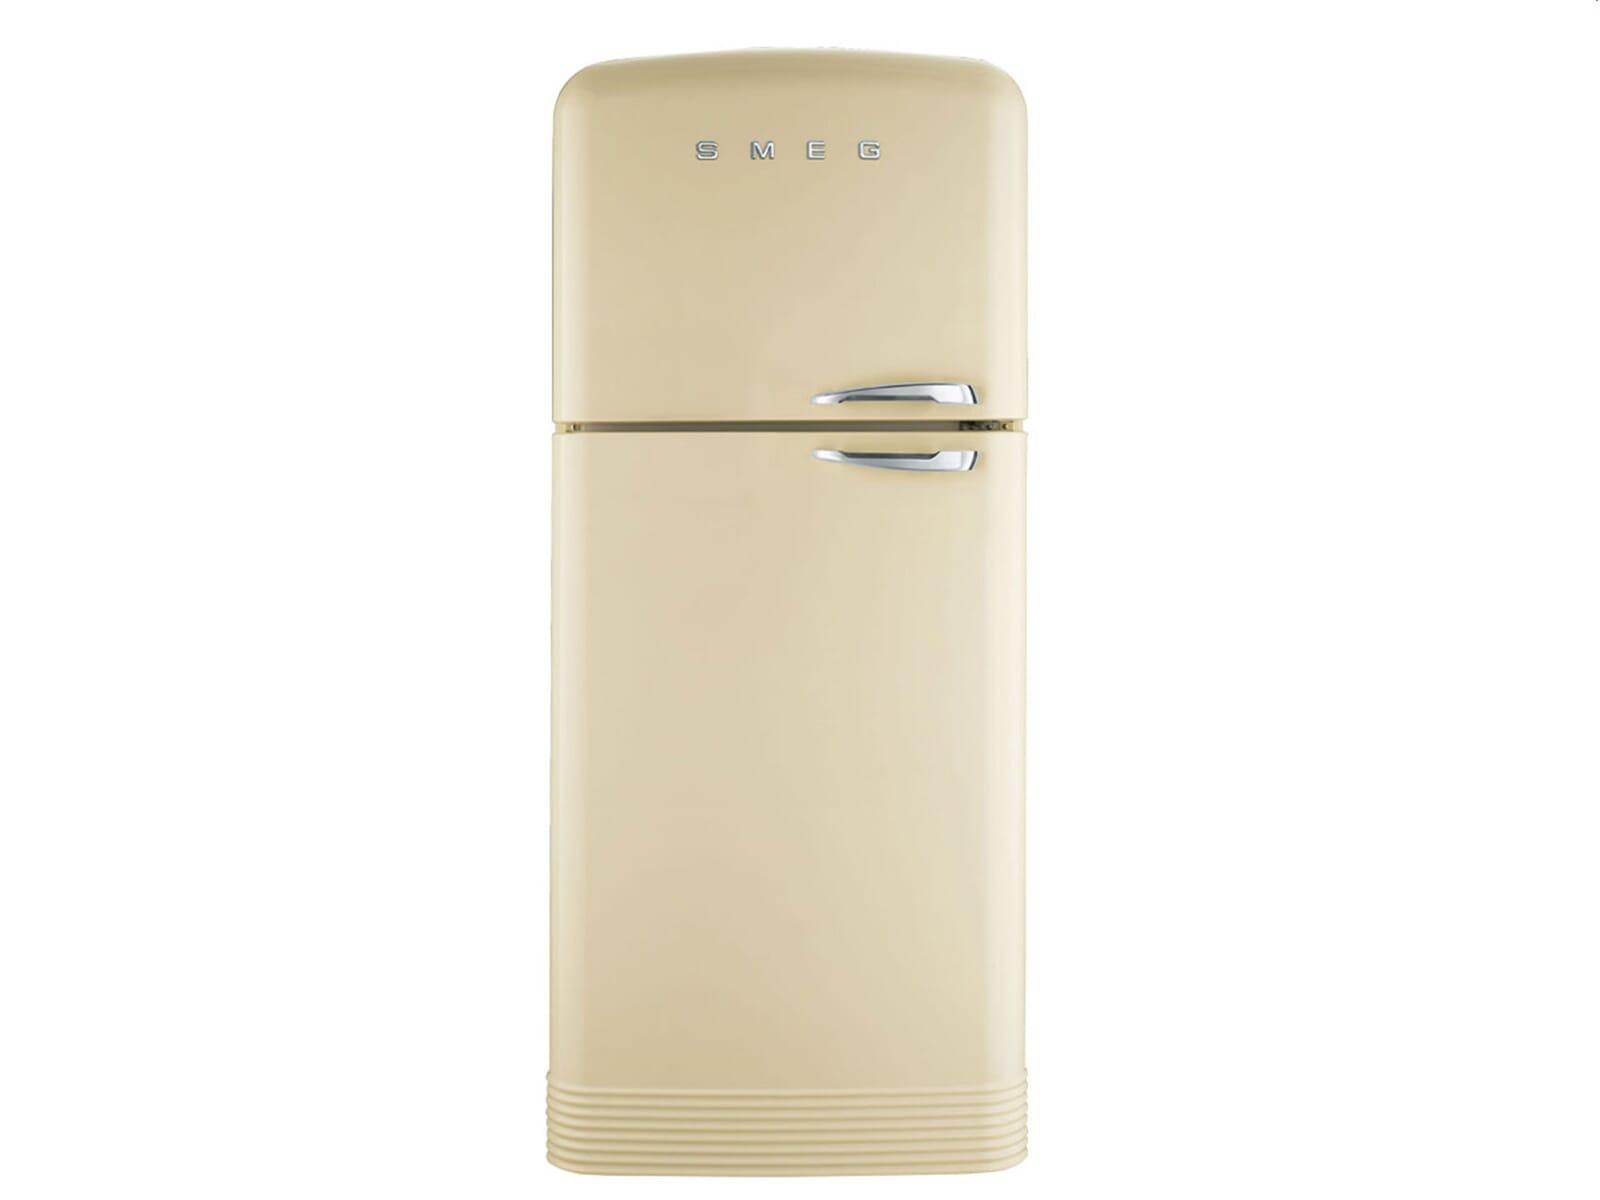 Smeg Kühlschrank Bewertung : Smeg retro kühlschrank bewertung der smeg kühlschrank u eine